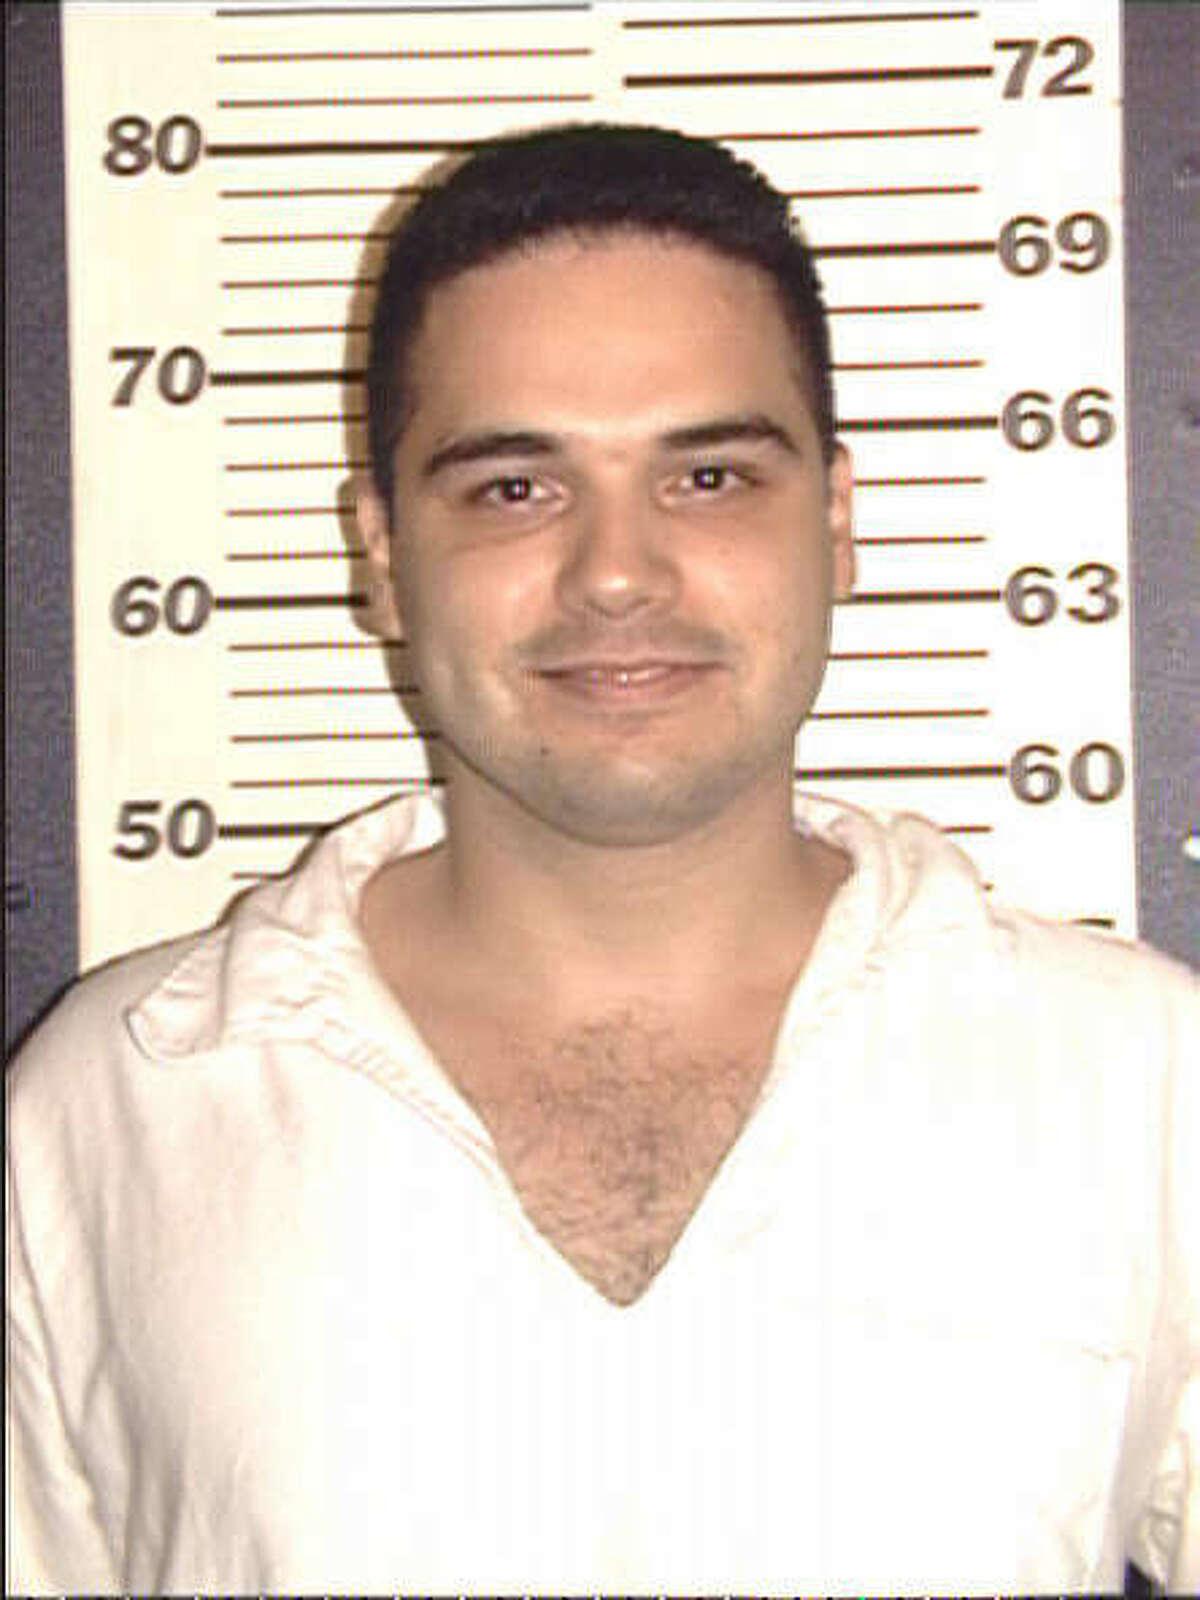 Mark Rodriguez, 42